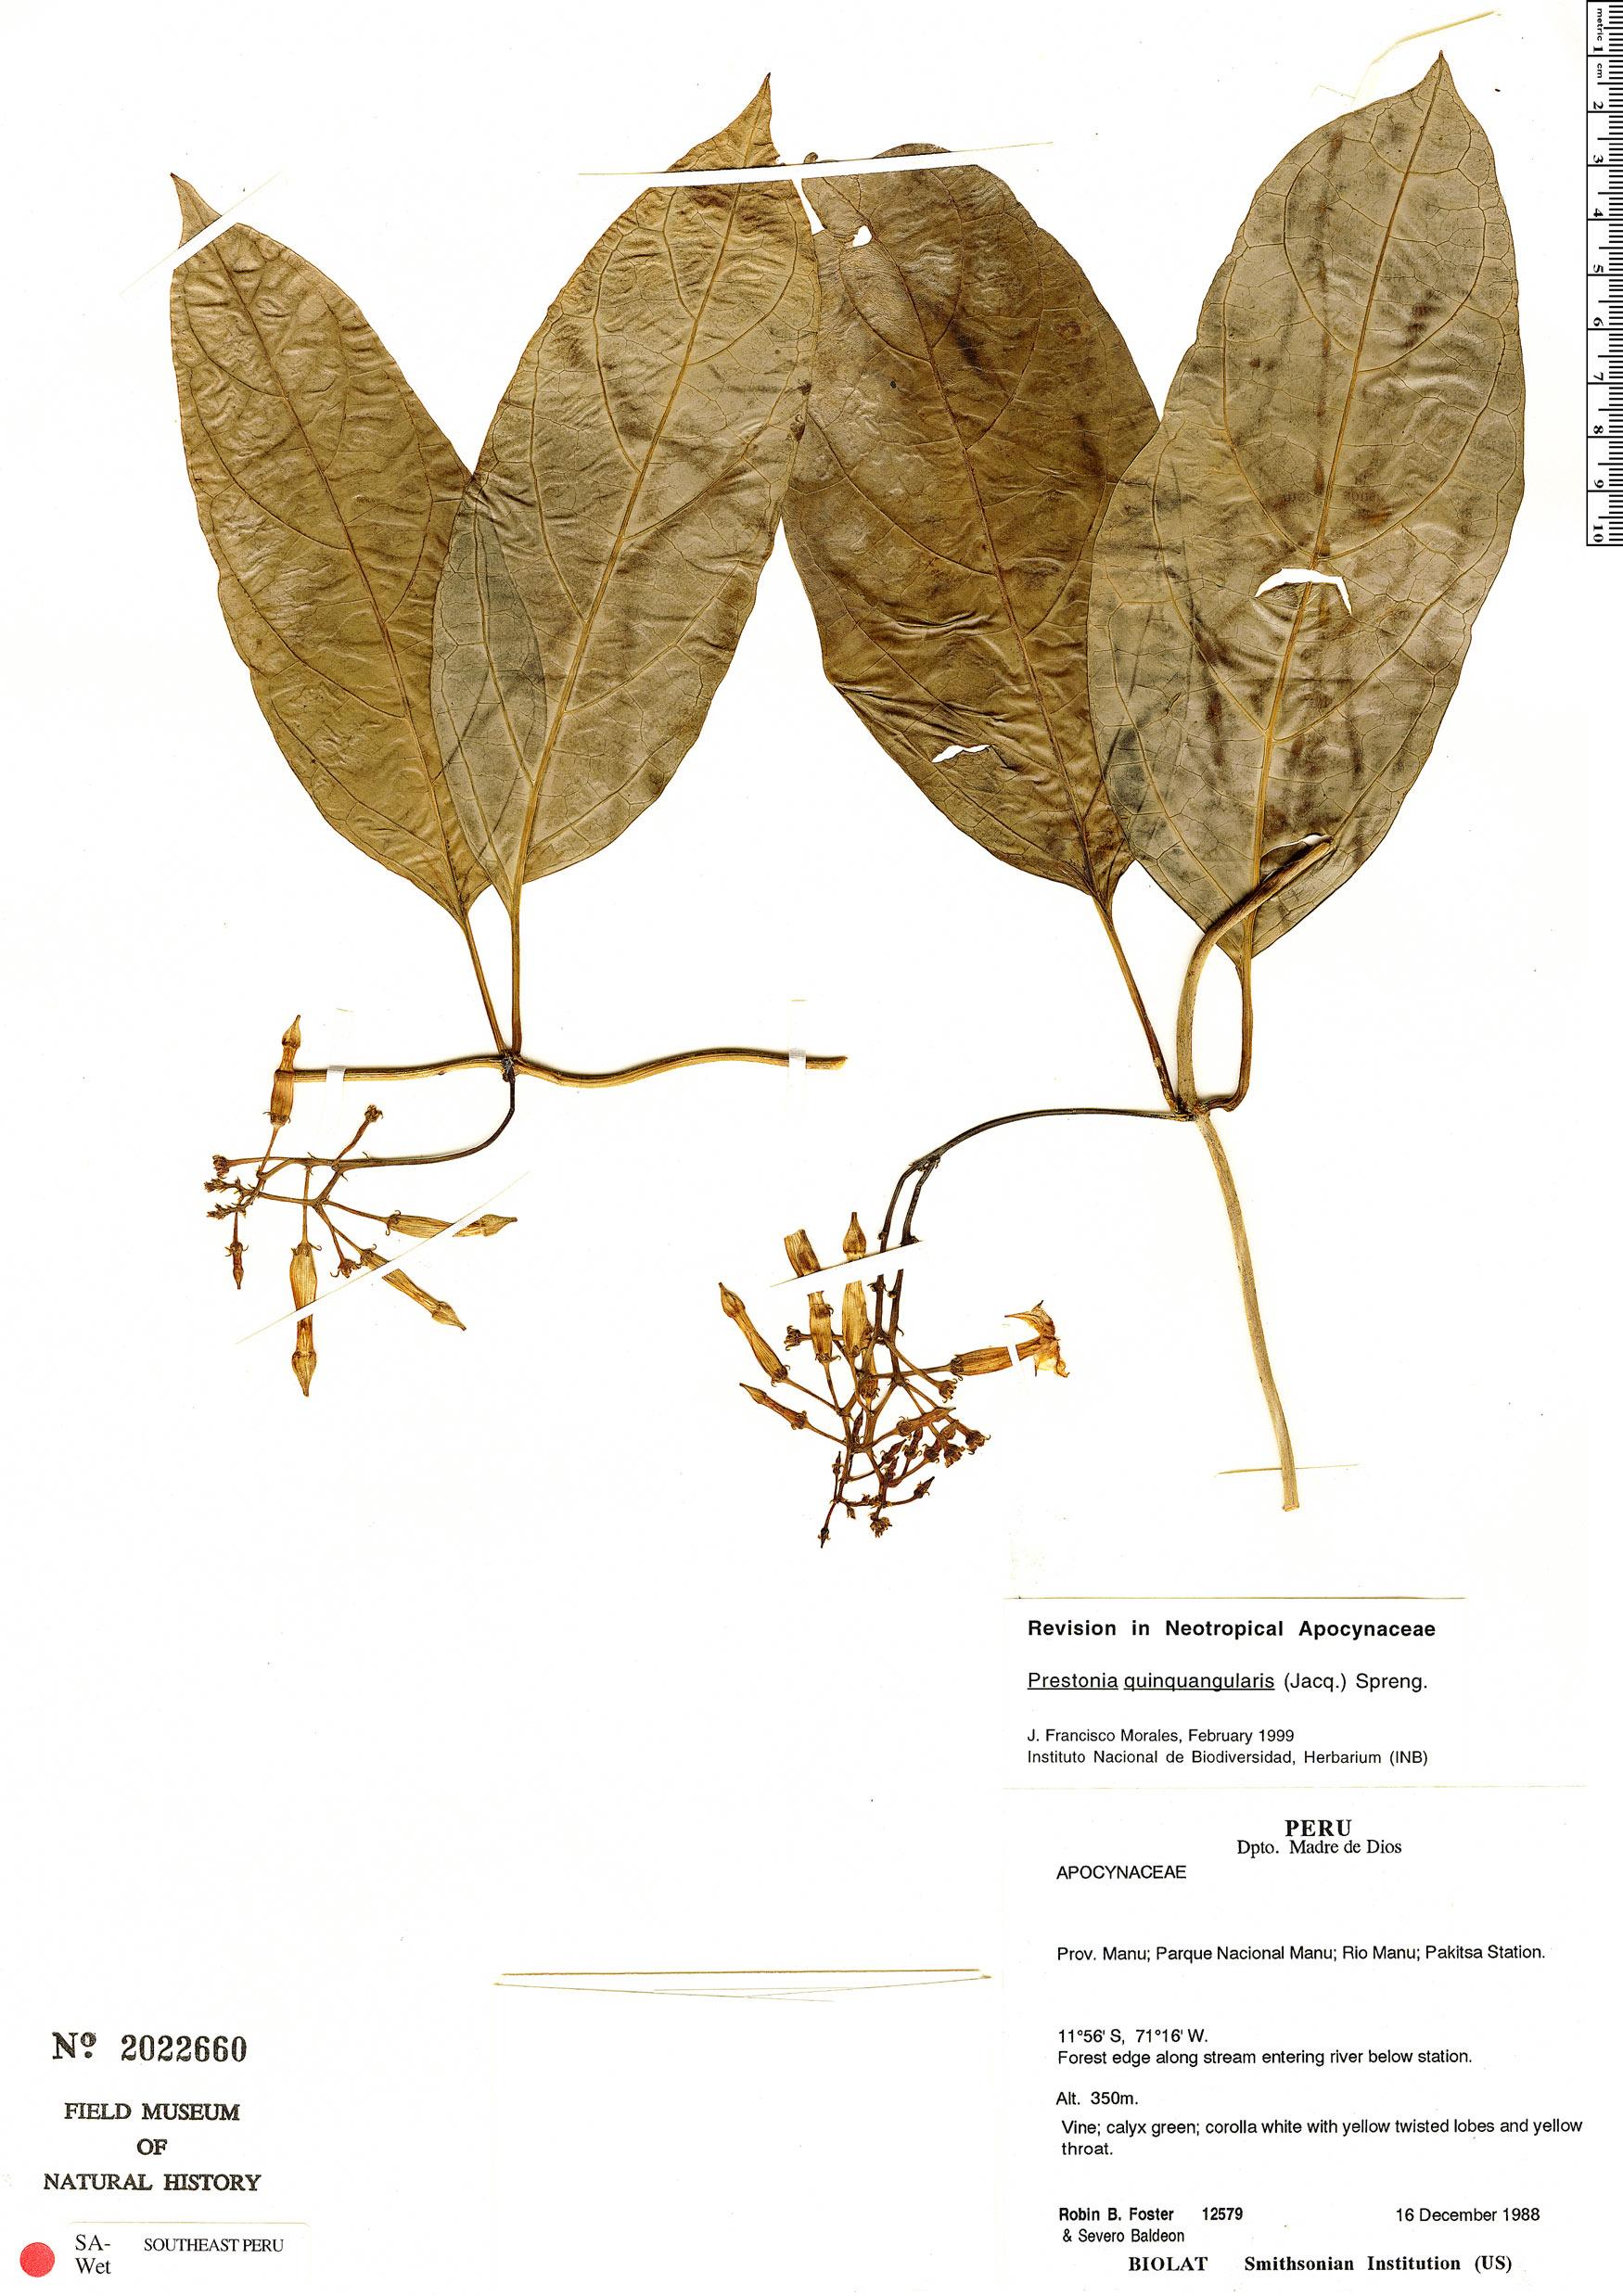 Specimen: Prestonia quinquangularis